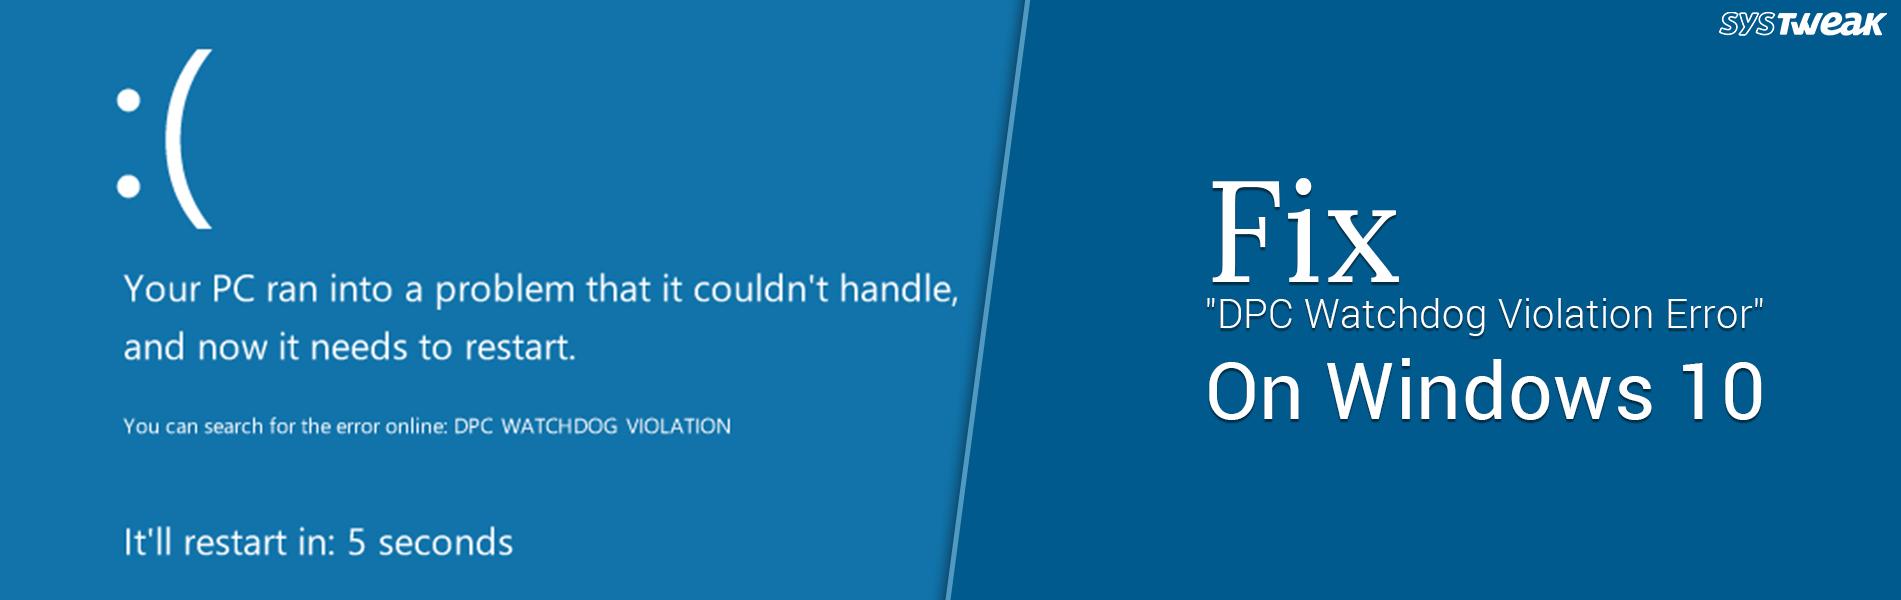 """How To Fix """"DPC Watchdog Violation Error"""" On Windows 10"""